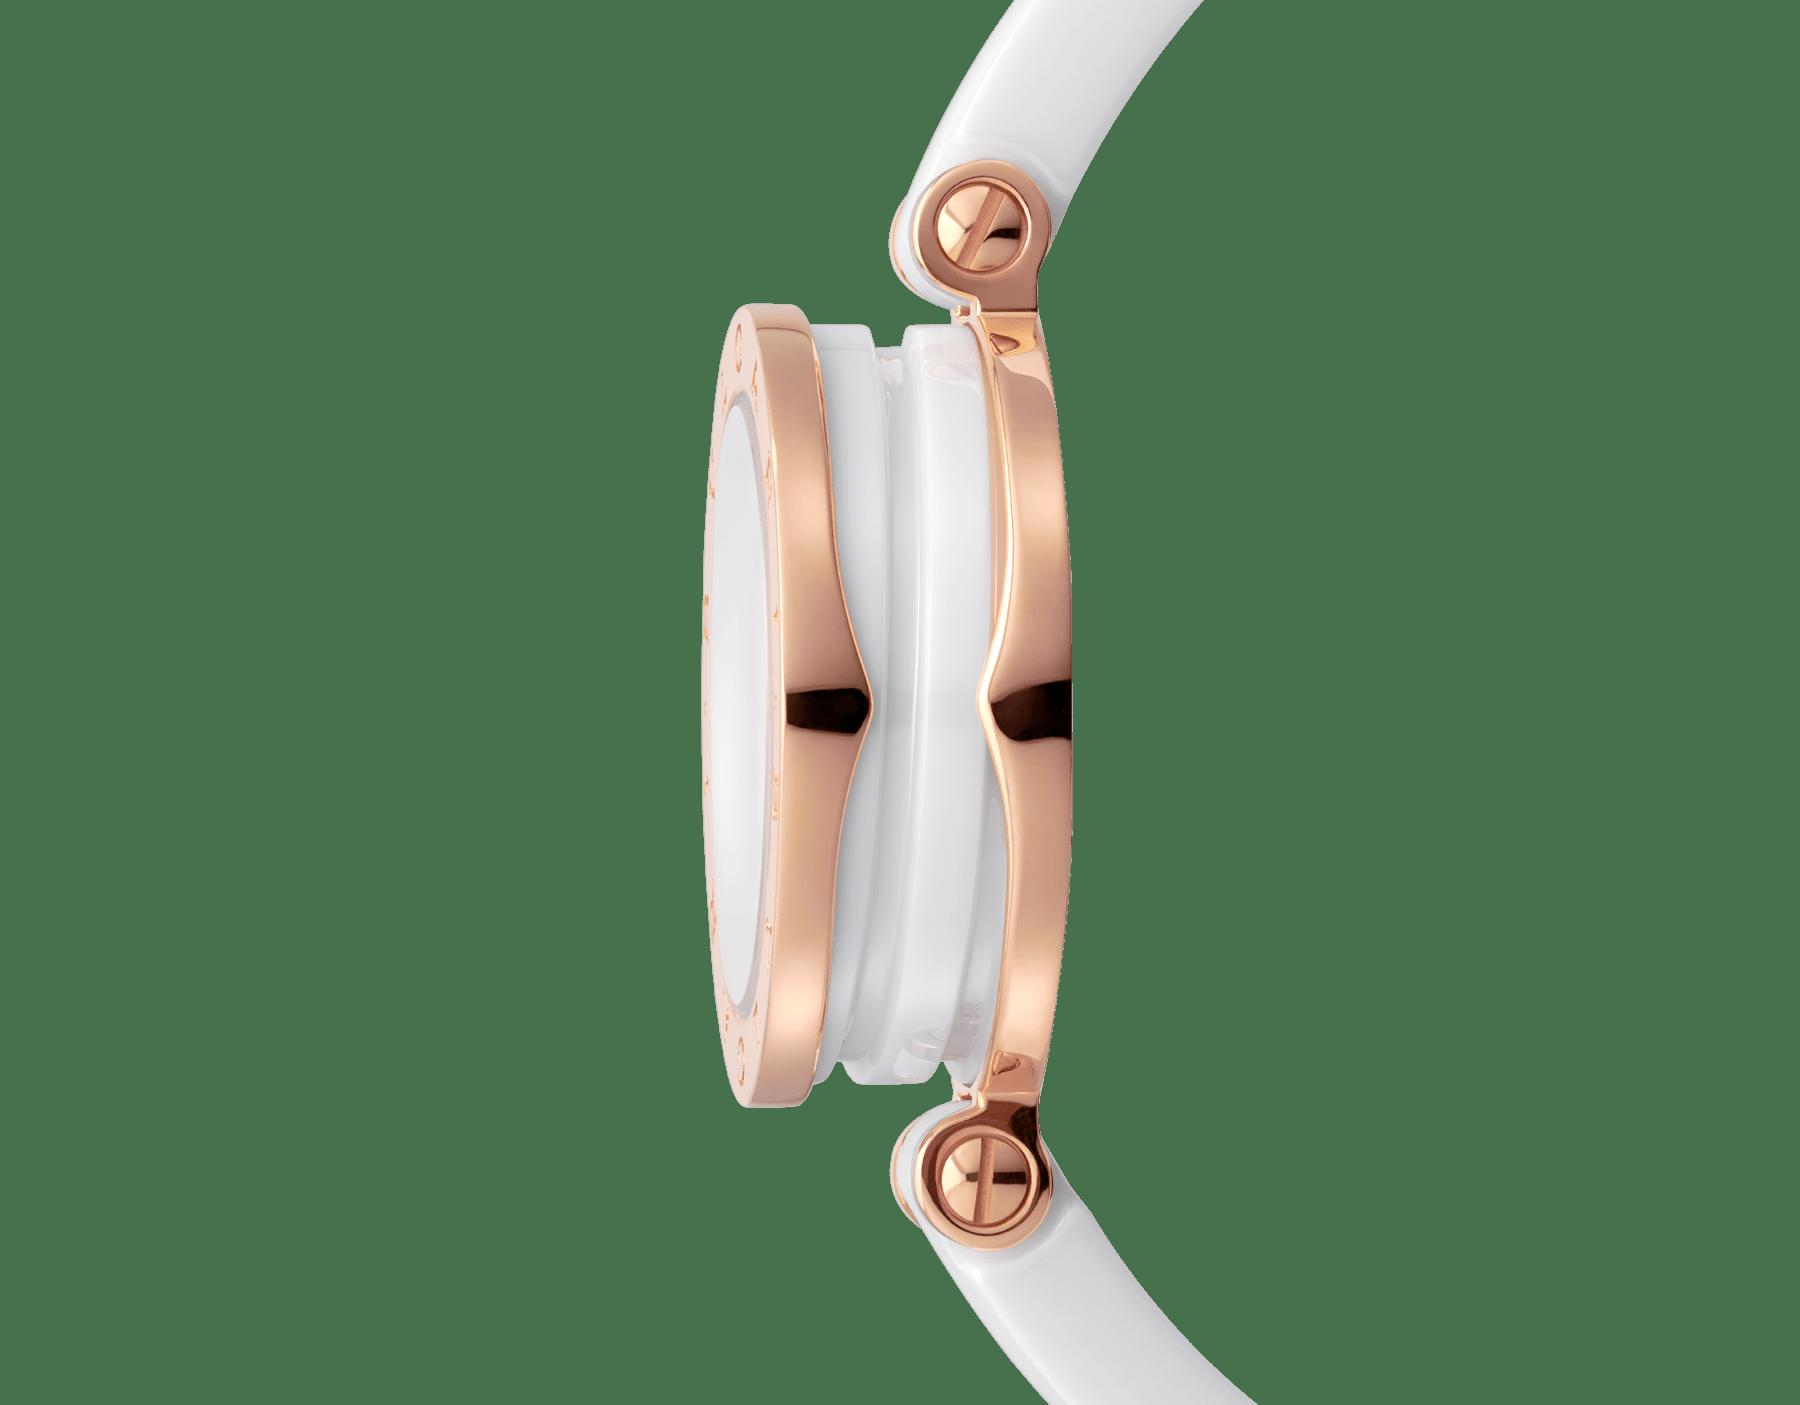 Montre B.zero1 avec boîtier en or rose 18K et acier inoxydable, bracelet jonc et spirale en céramique blanche, cadran laqué blanc et index sertis de diamants. Moyen modèle B01watch-white-white-dial3 image 2